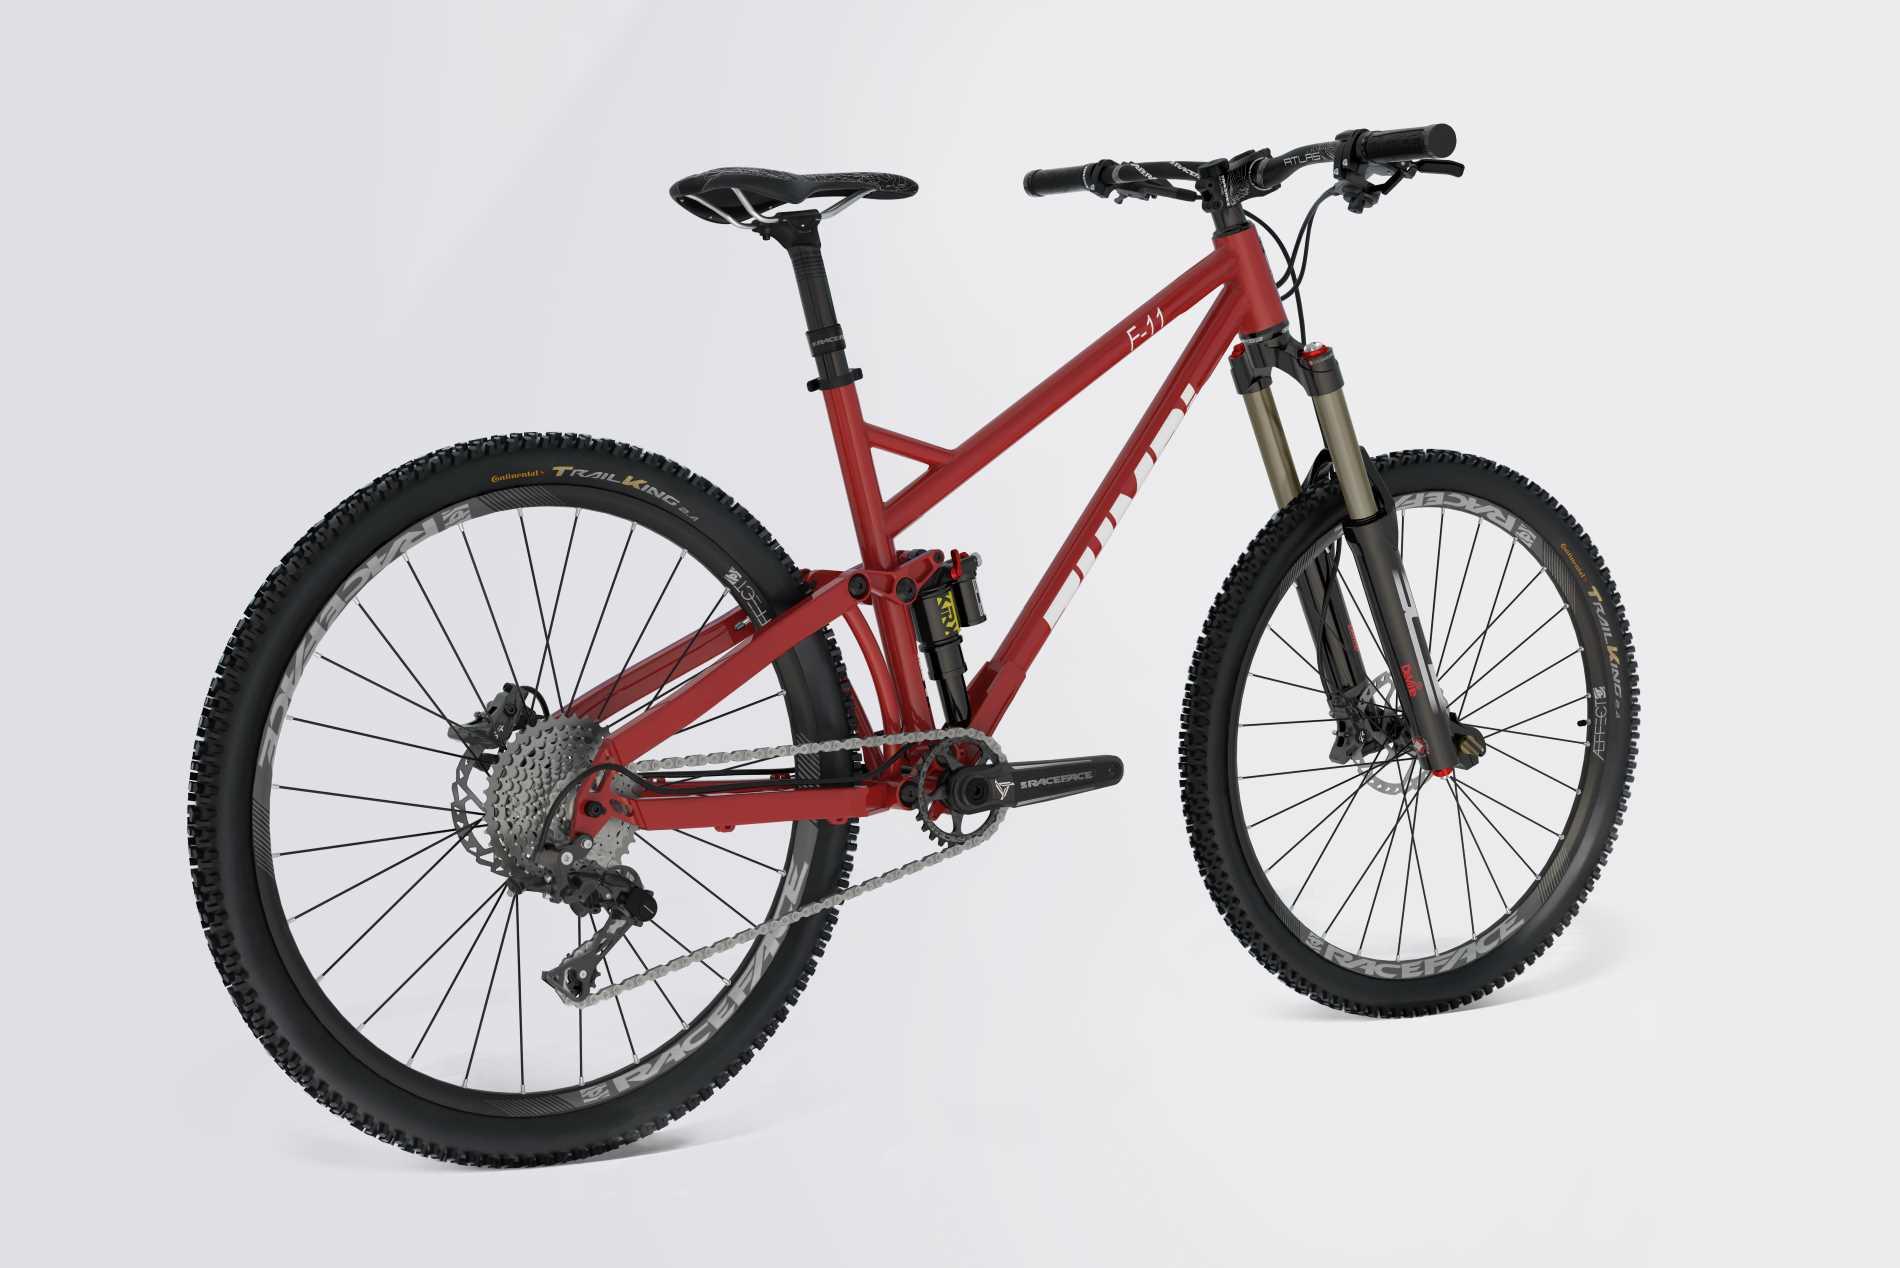 enduro zumbi cycles 160mm fox